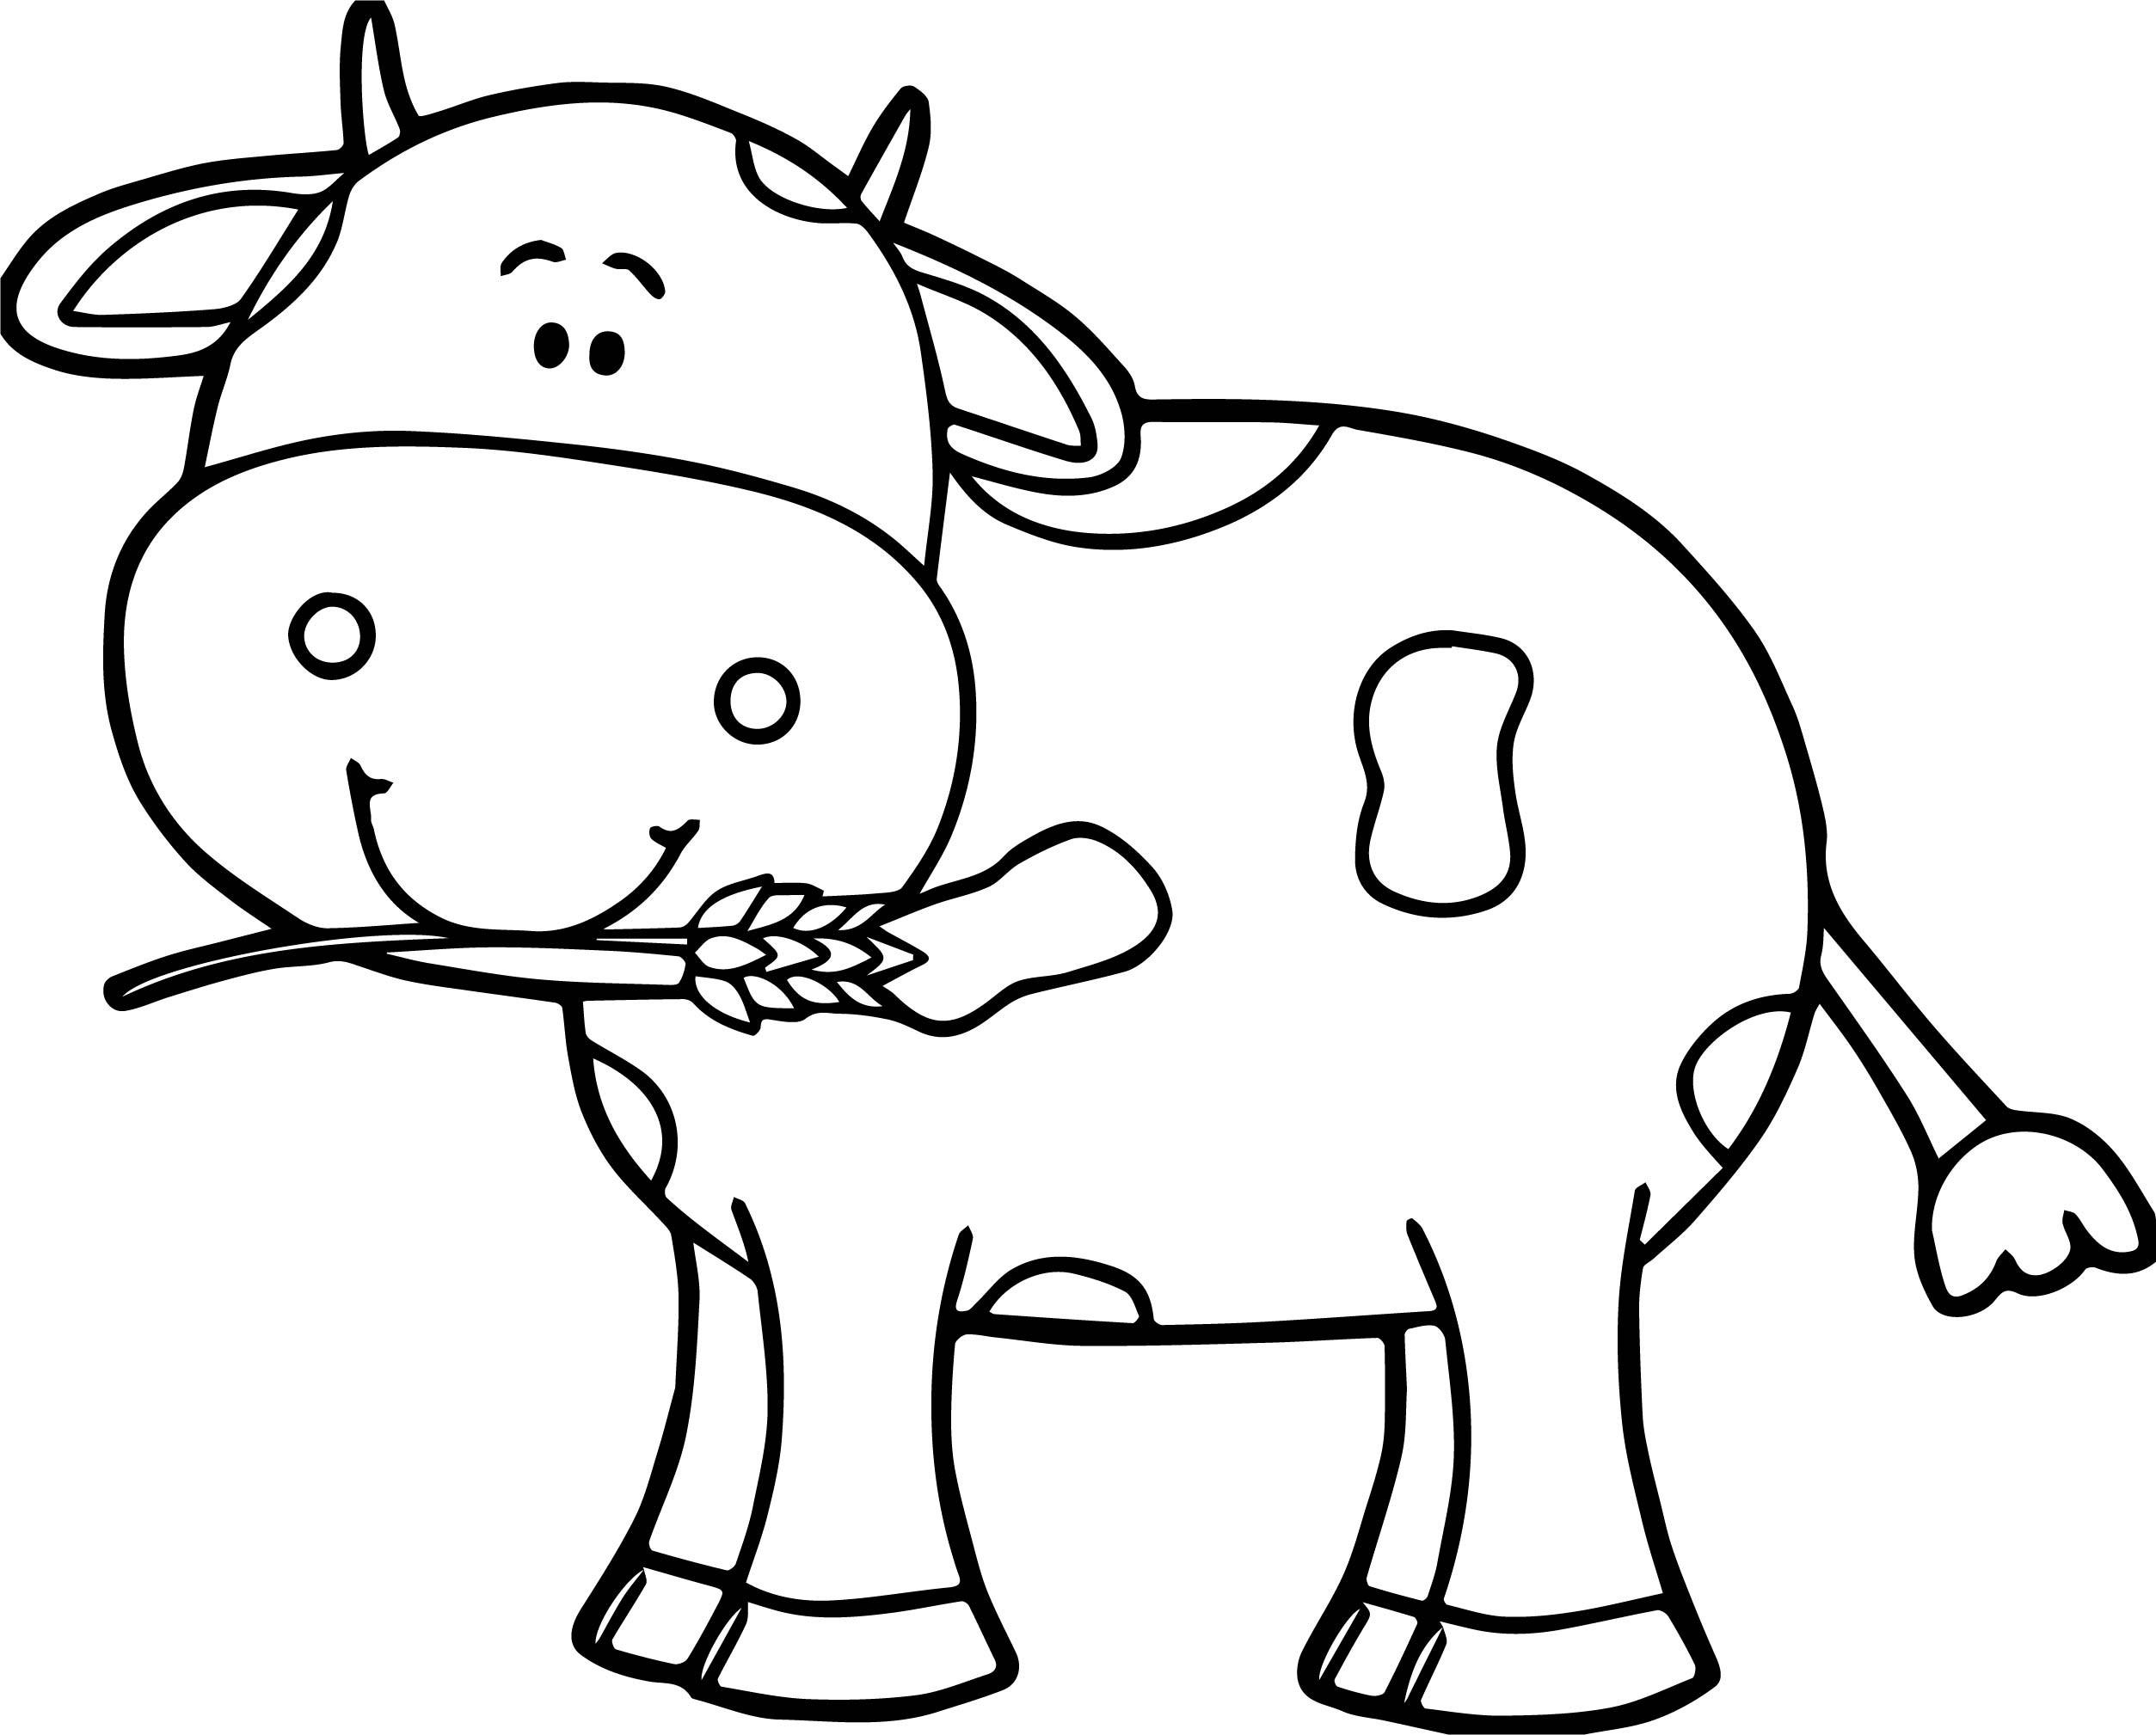 Tranh tô màu con bò đẹp